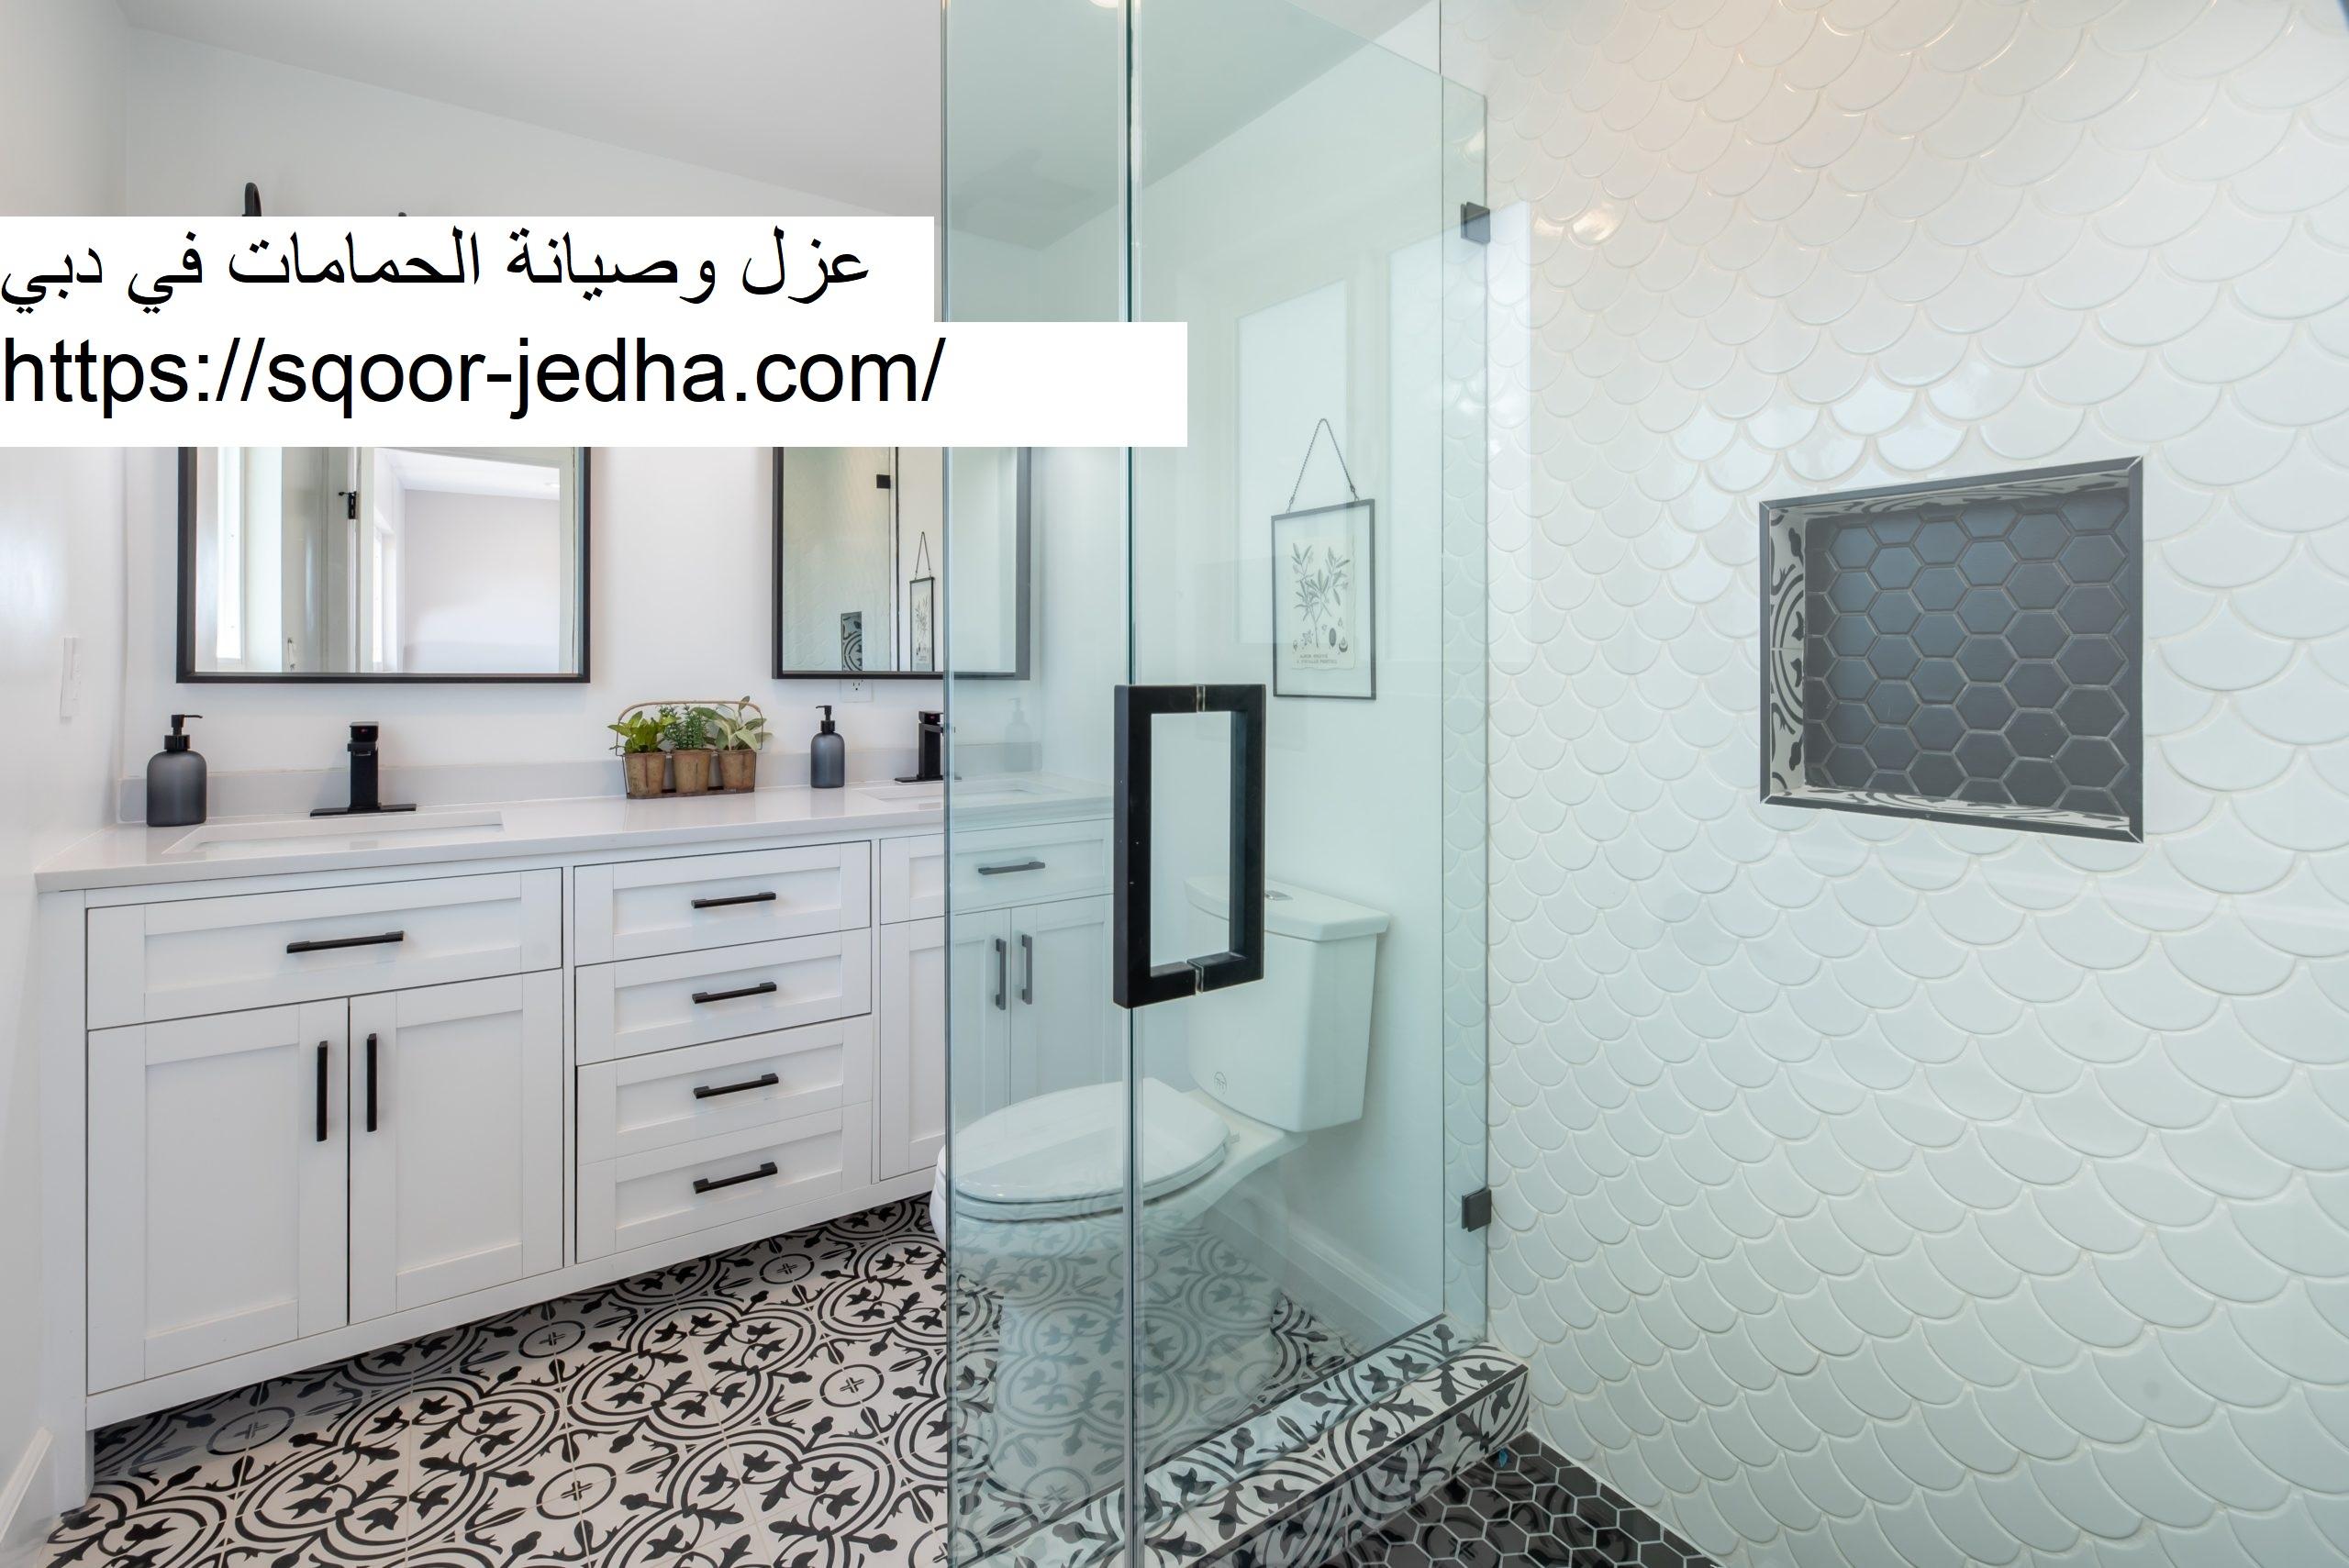 عزل وصيانة الحمامات في دبي